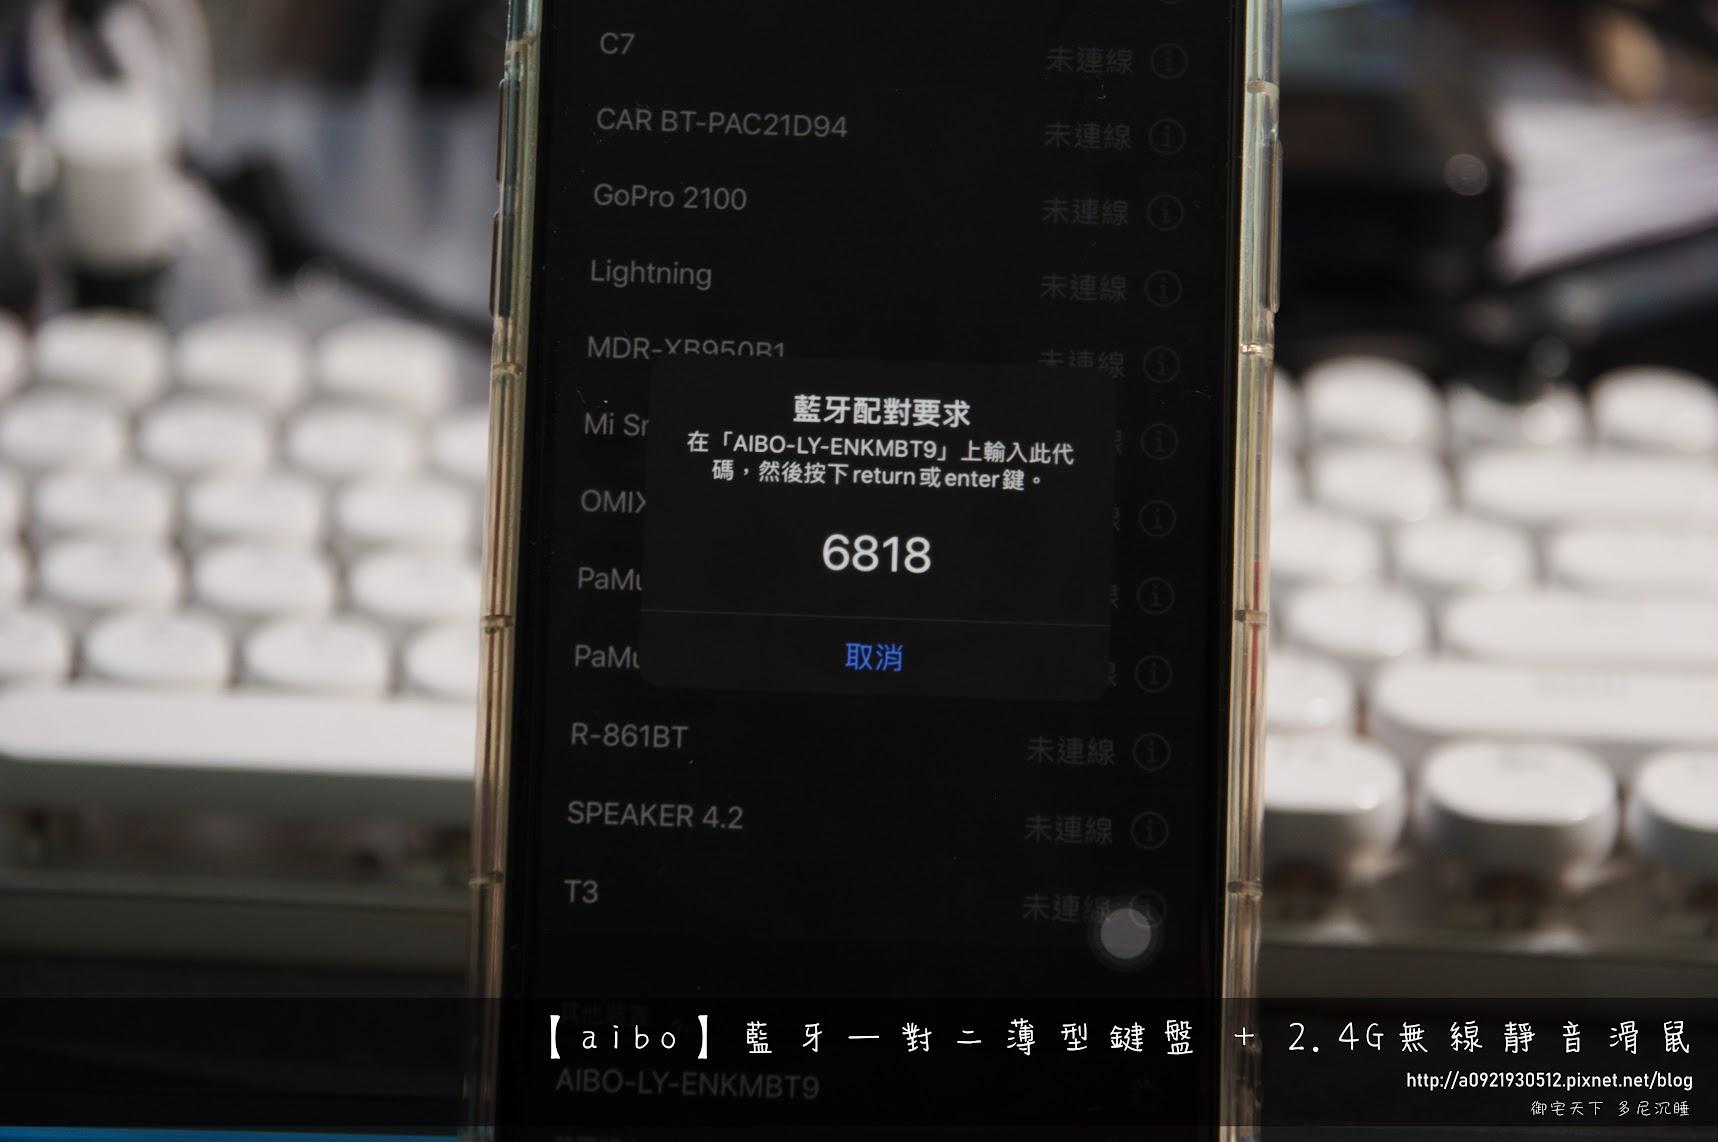 (開箱文)【aibo】藍牙一對二薄型鍵盤 + 2.4G無線靜音滑鼠-強悍又輕薄的無線生活 @ 御宅天下 :: 痞客邦